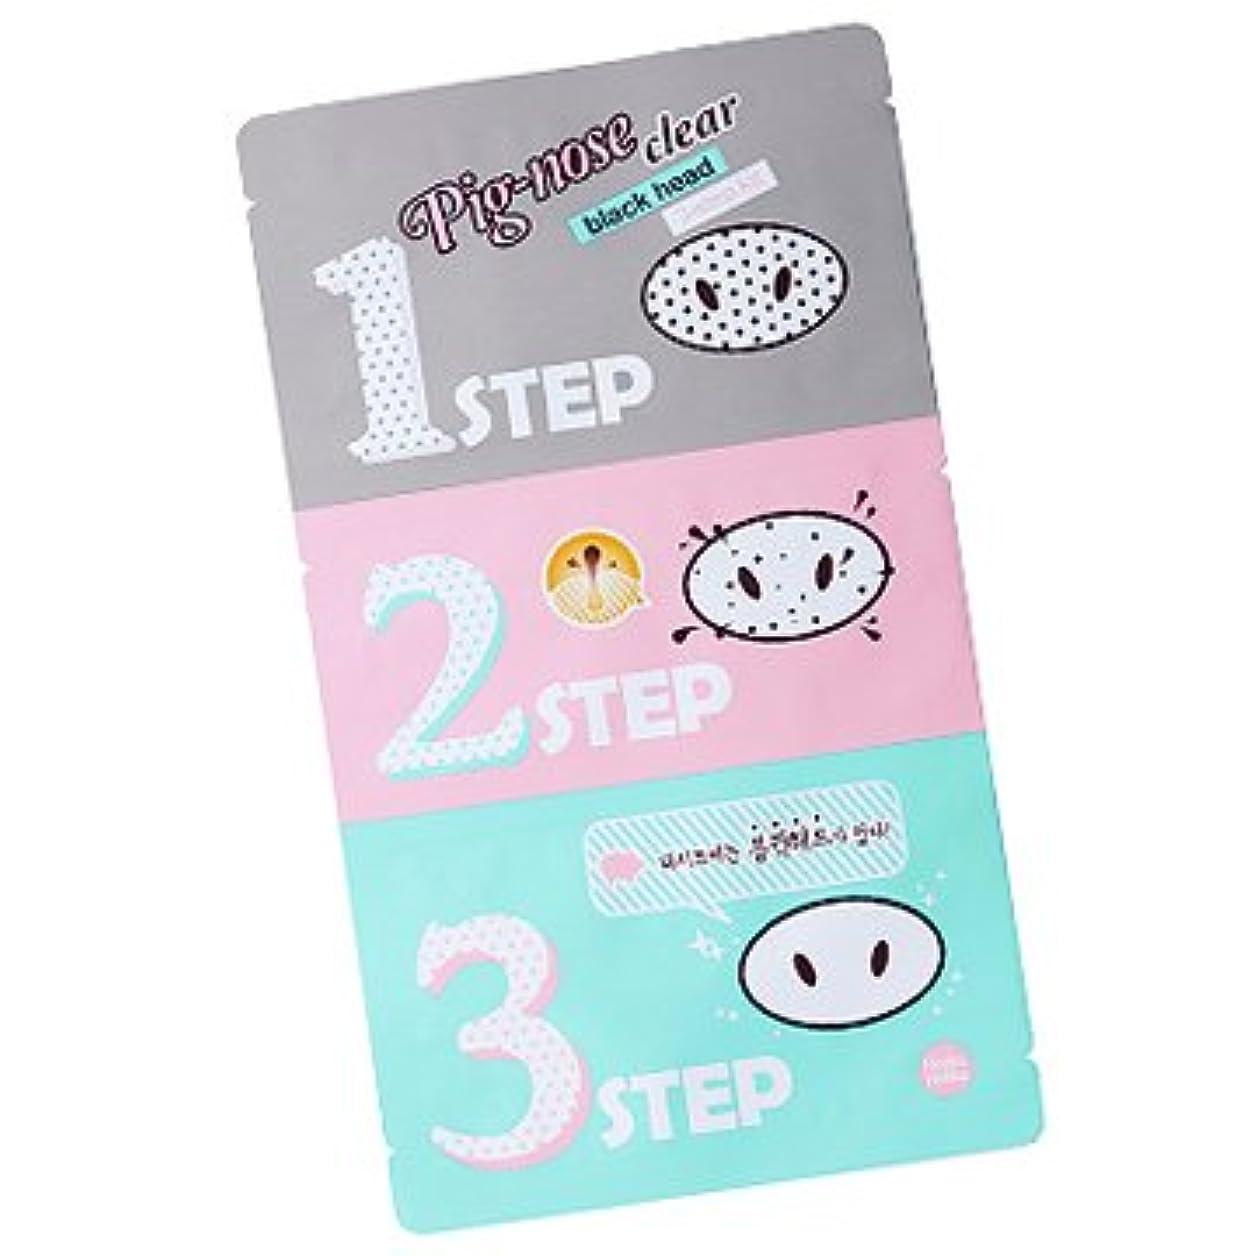 動的亜熱帯威するHolika Holika Pig Nose Clear Black Head 3-Step Kit 3EA (Nose Pack) ホリカホリカ ピグノーズクリアブラックヘッド3-Stepキット(鼻パック) 3pcs...